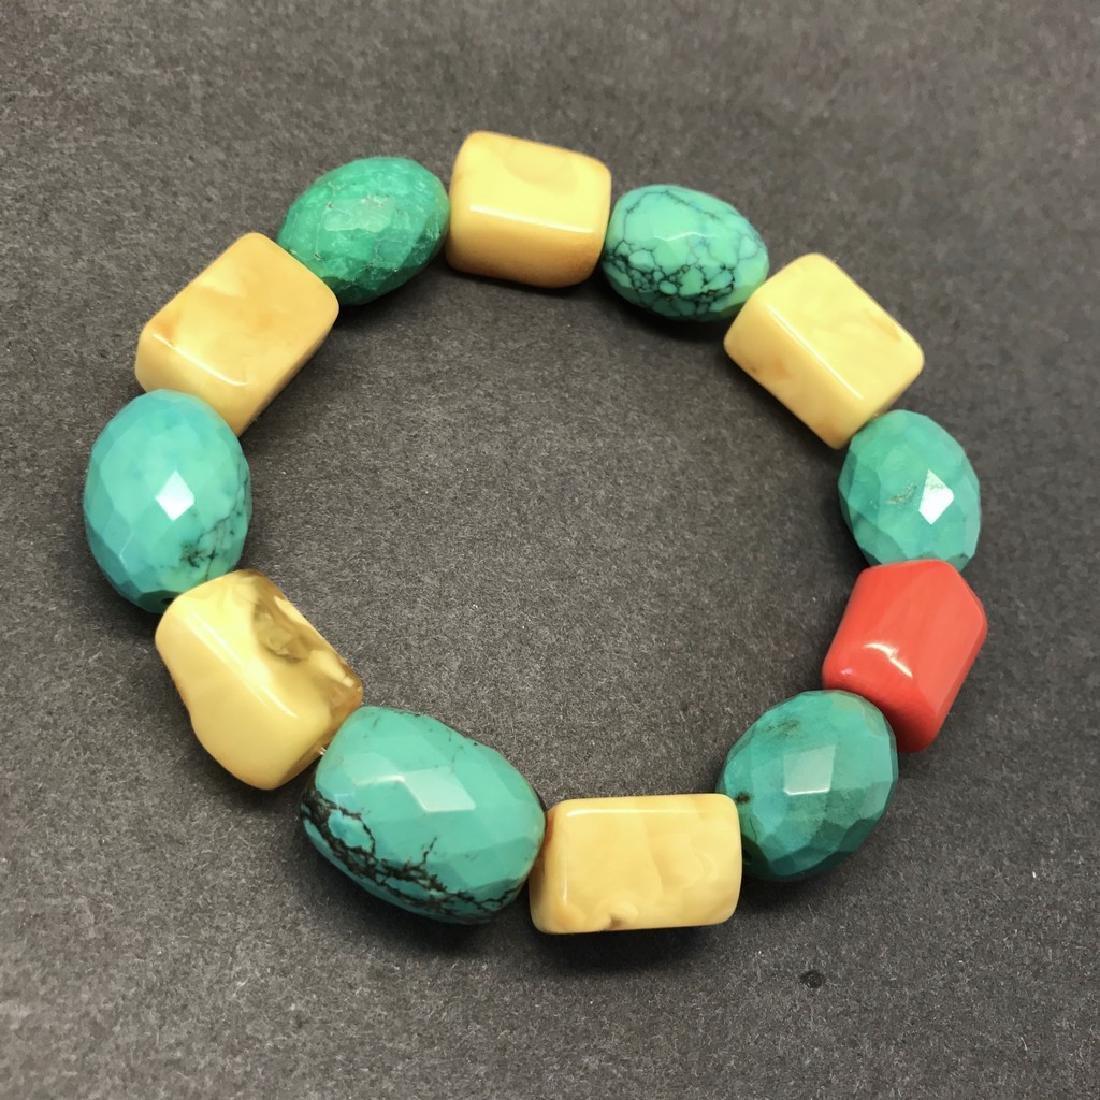 Vintage Baltic amber, turquoise & coral bracelet, 46 gr - 2